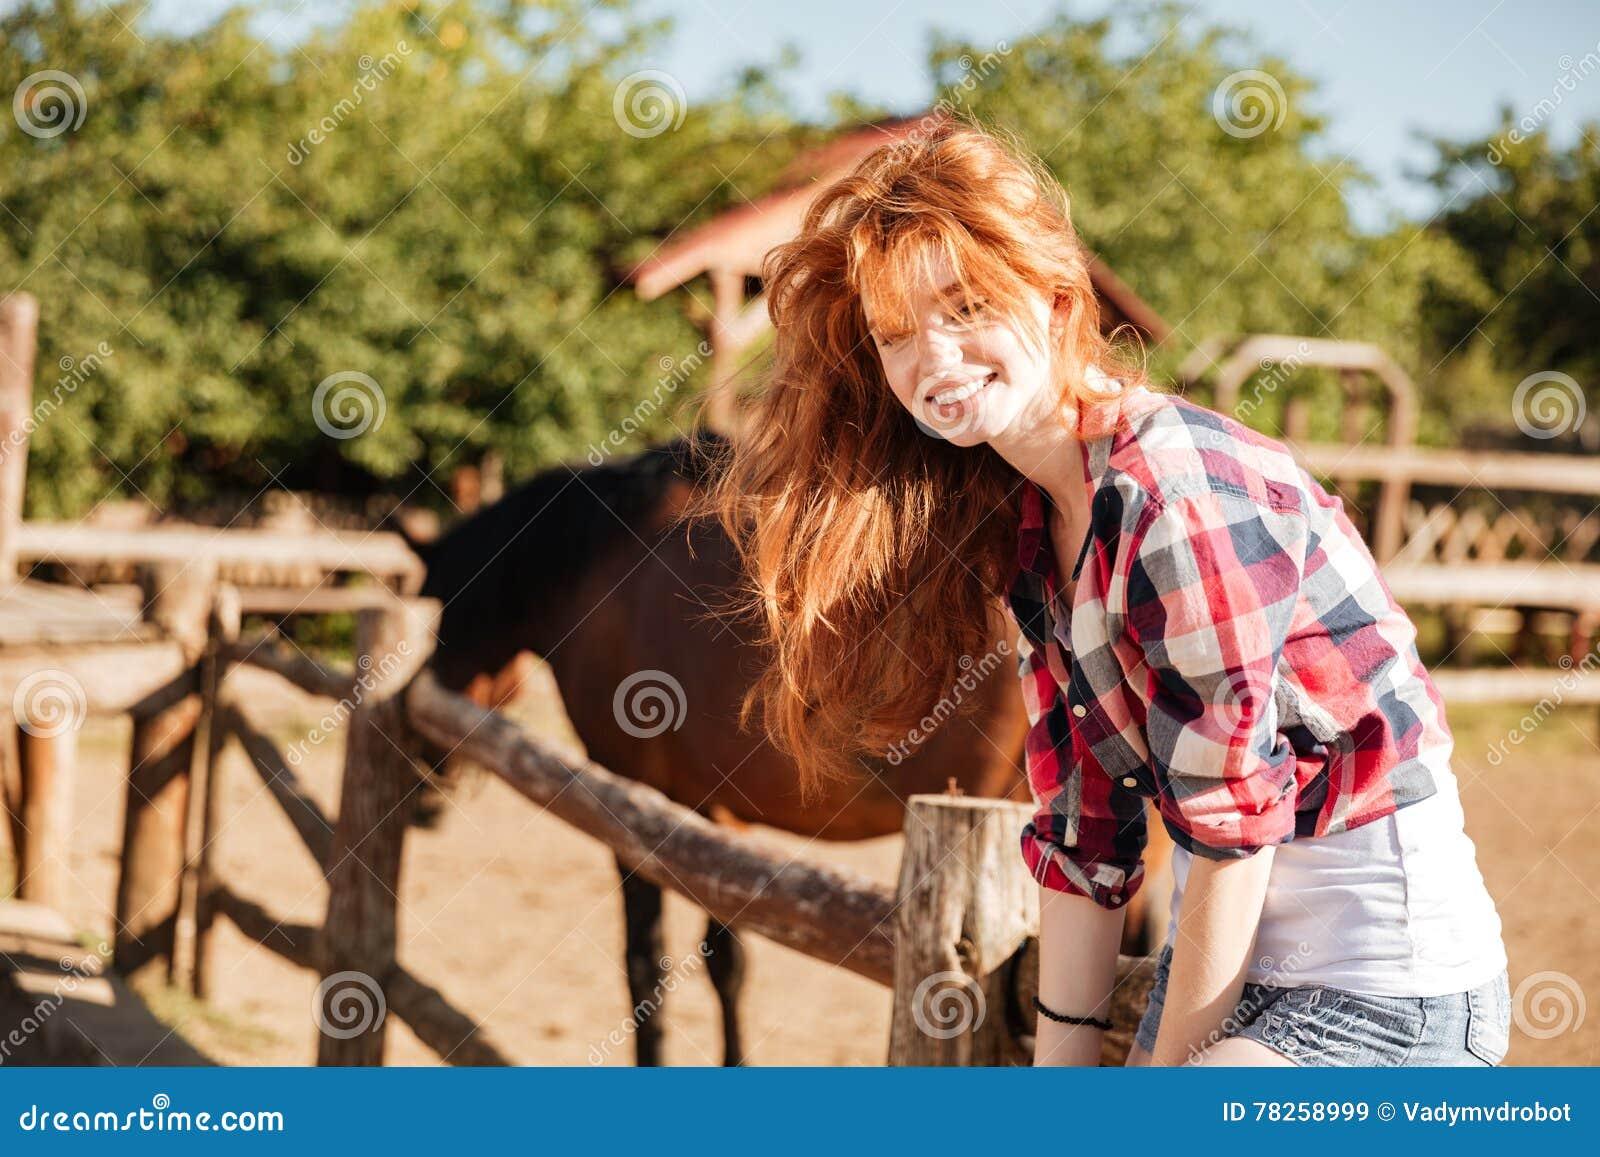 Συνεδρίαση γυναικών χαμόγελου cowgirl στο φράκτη στο χωριό